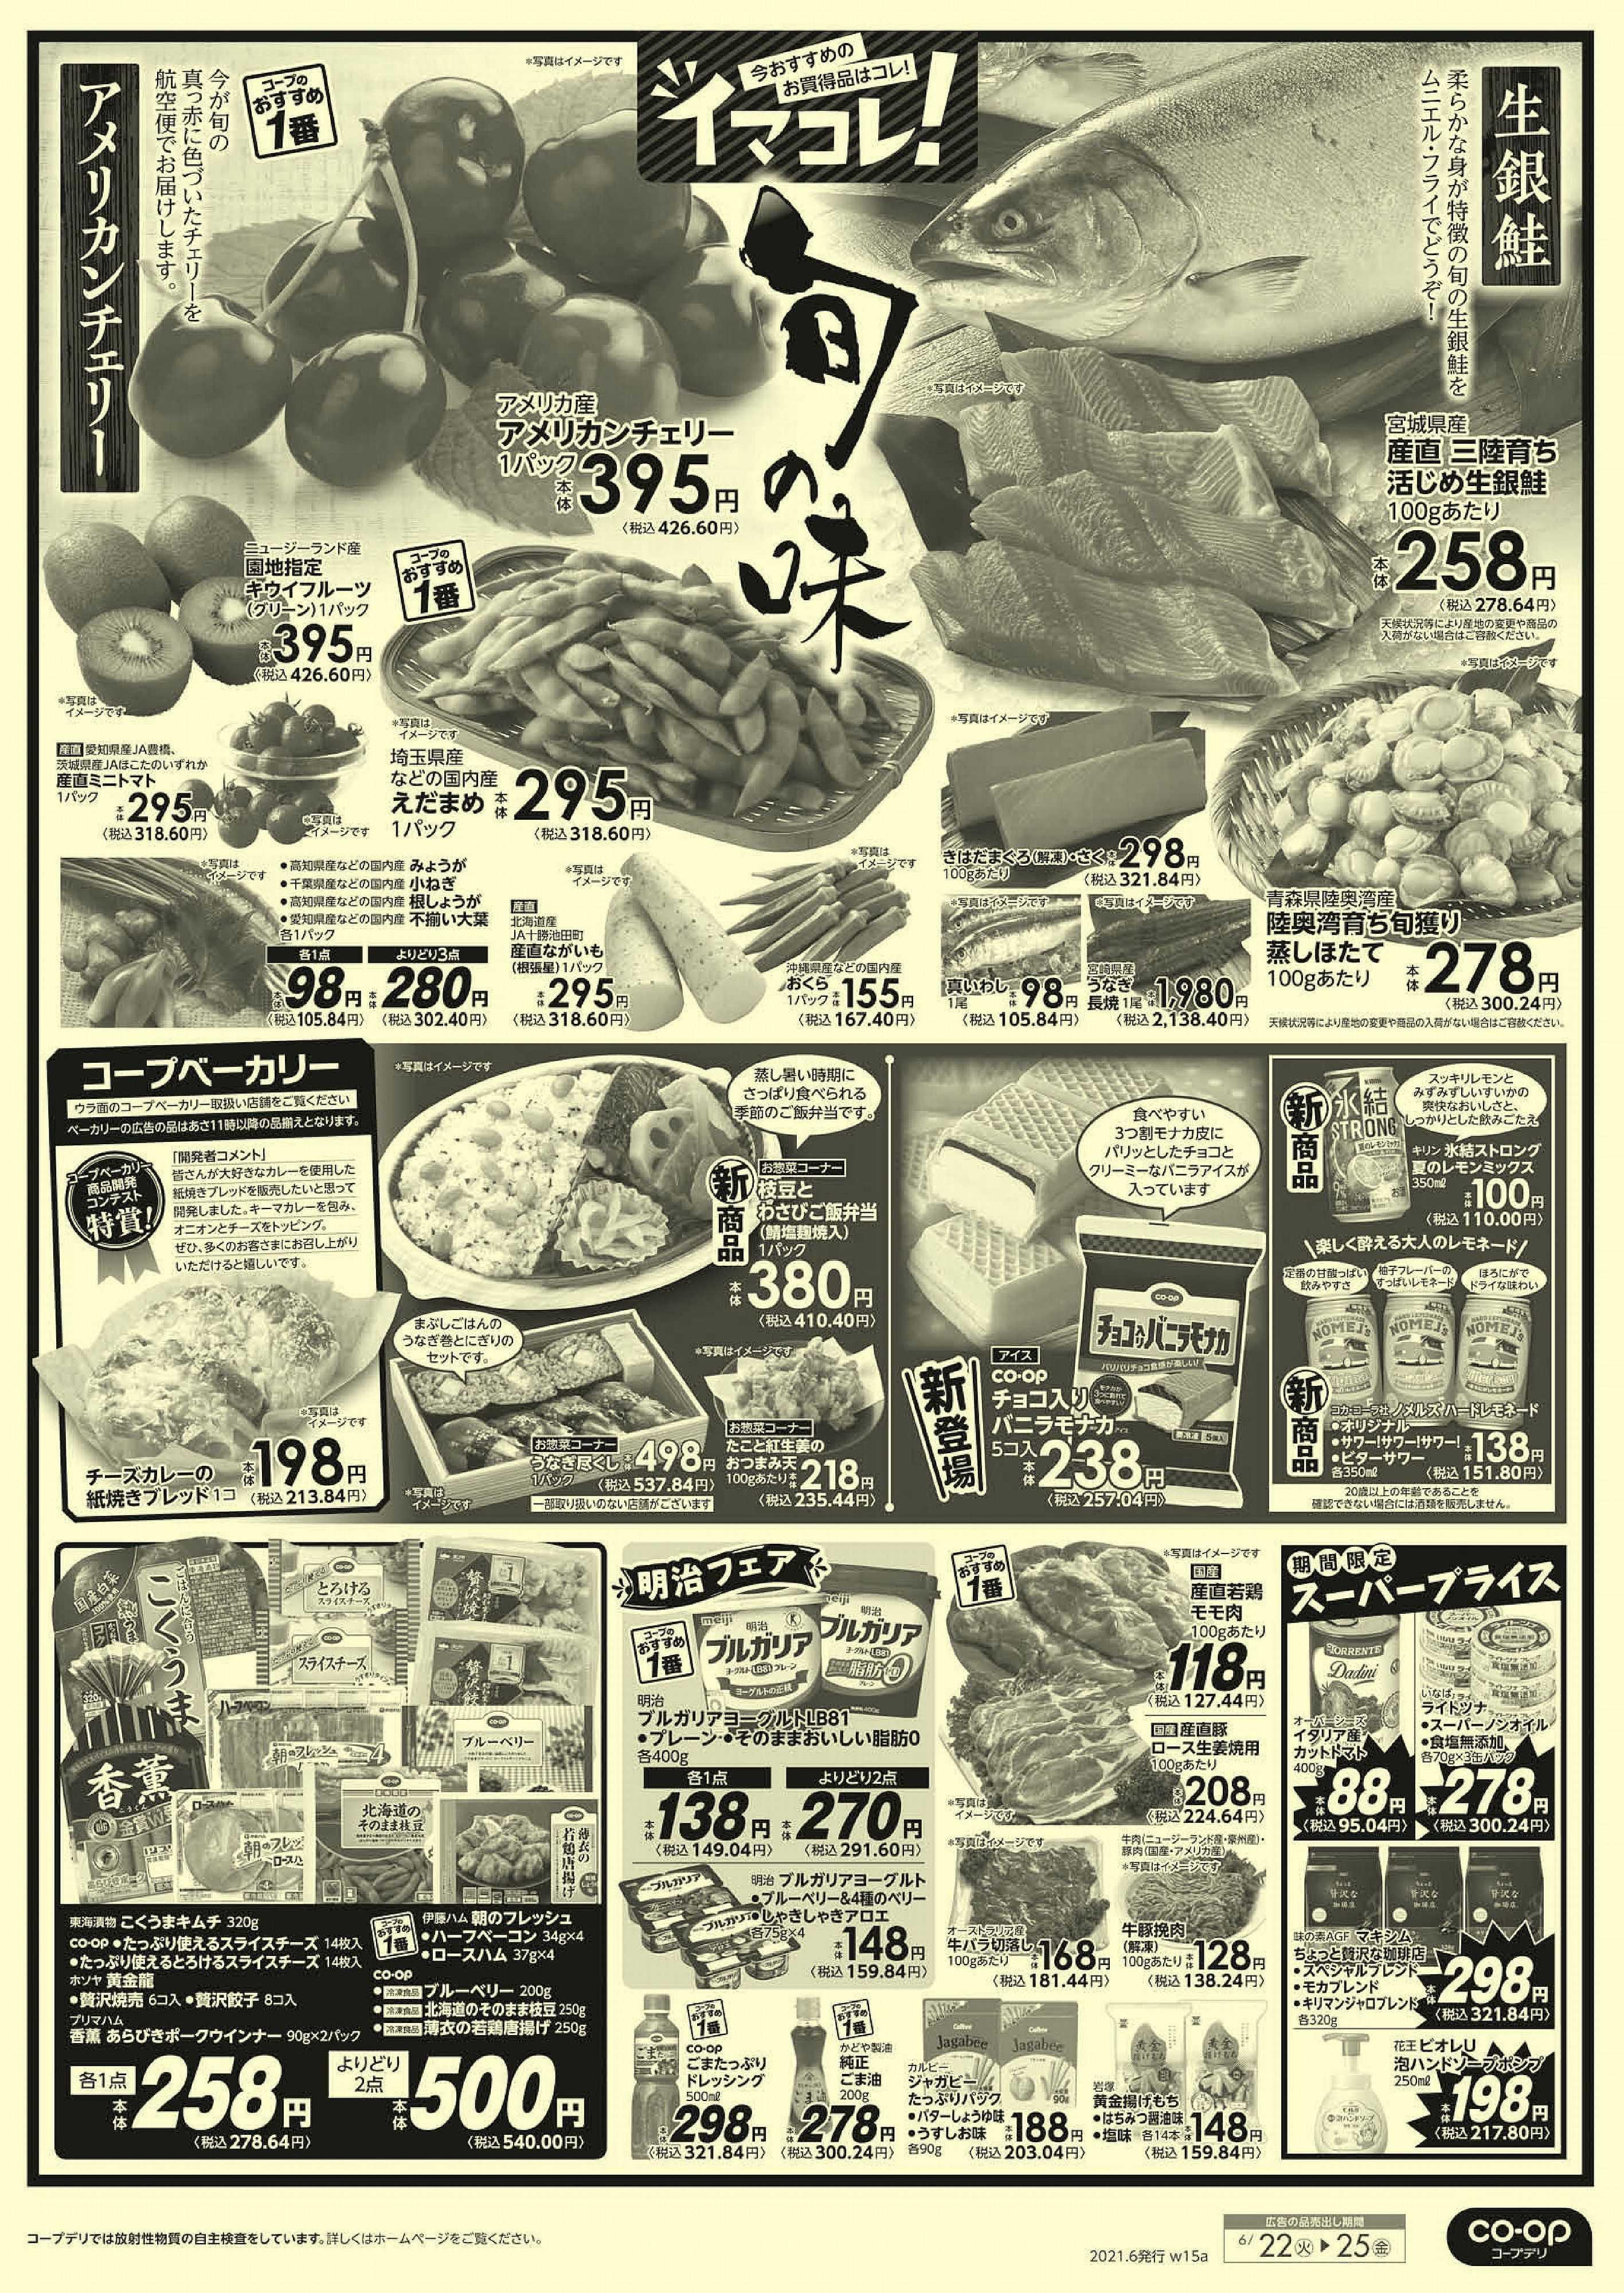 とちぎコープ 92円均一/イマコレ!